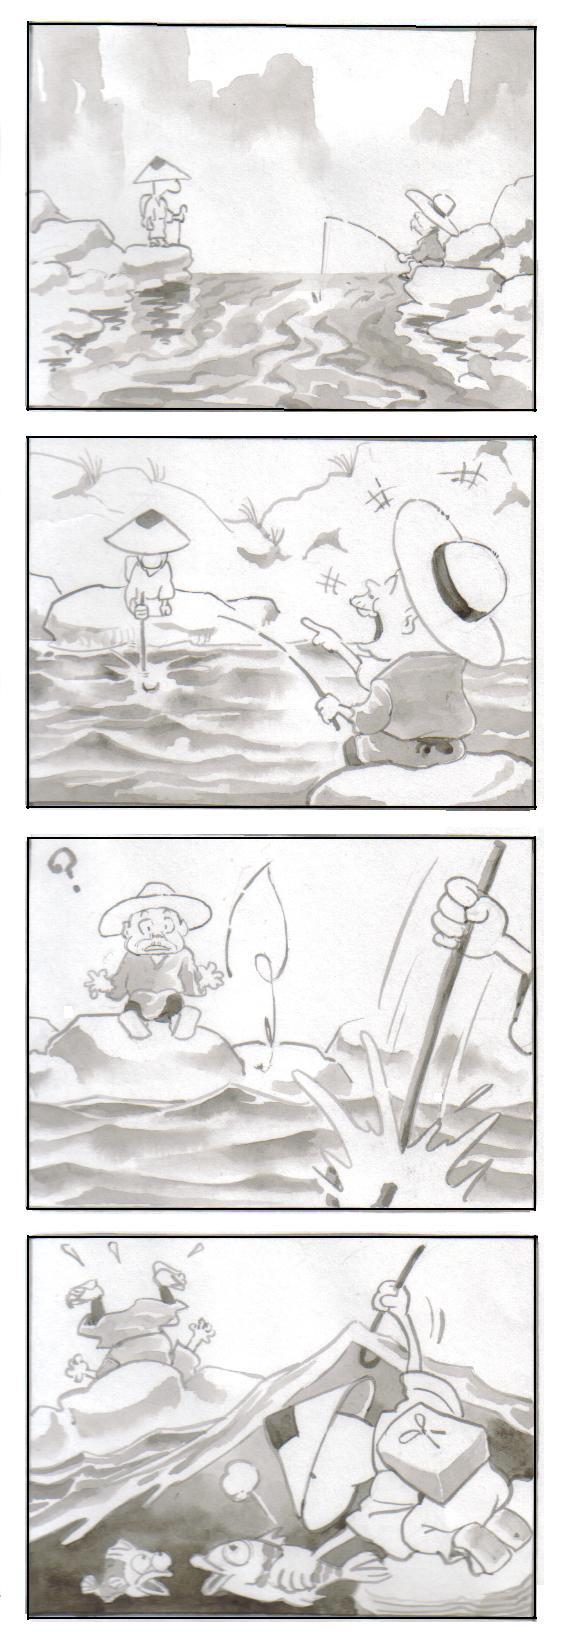 無敵坊主・釣りの術